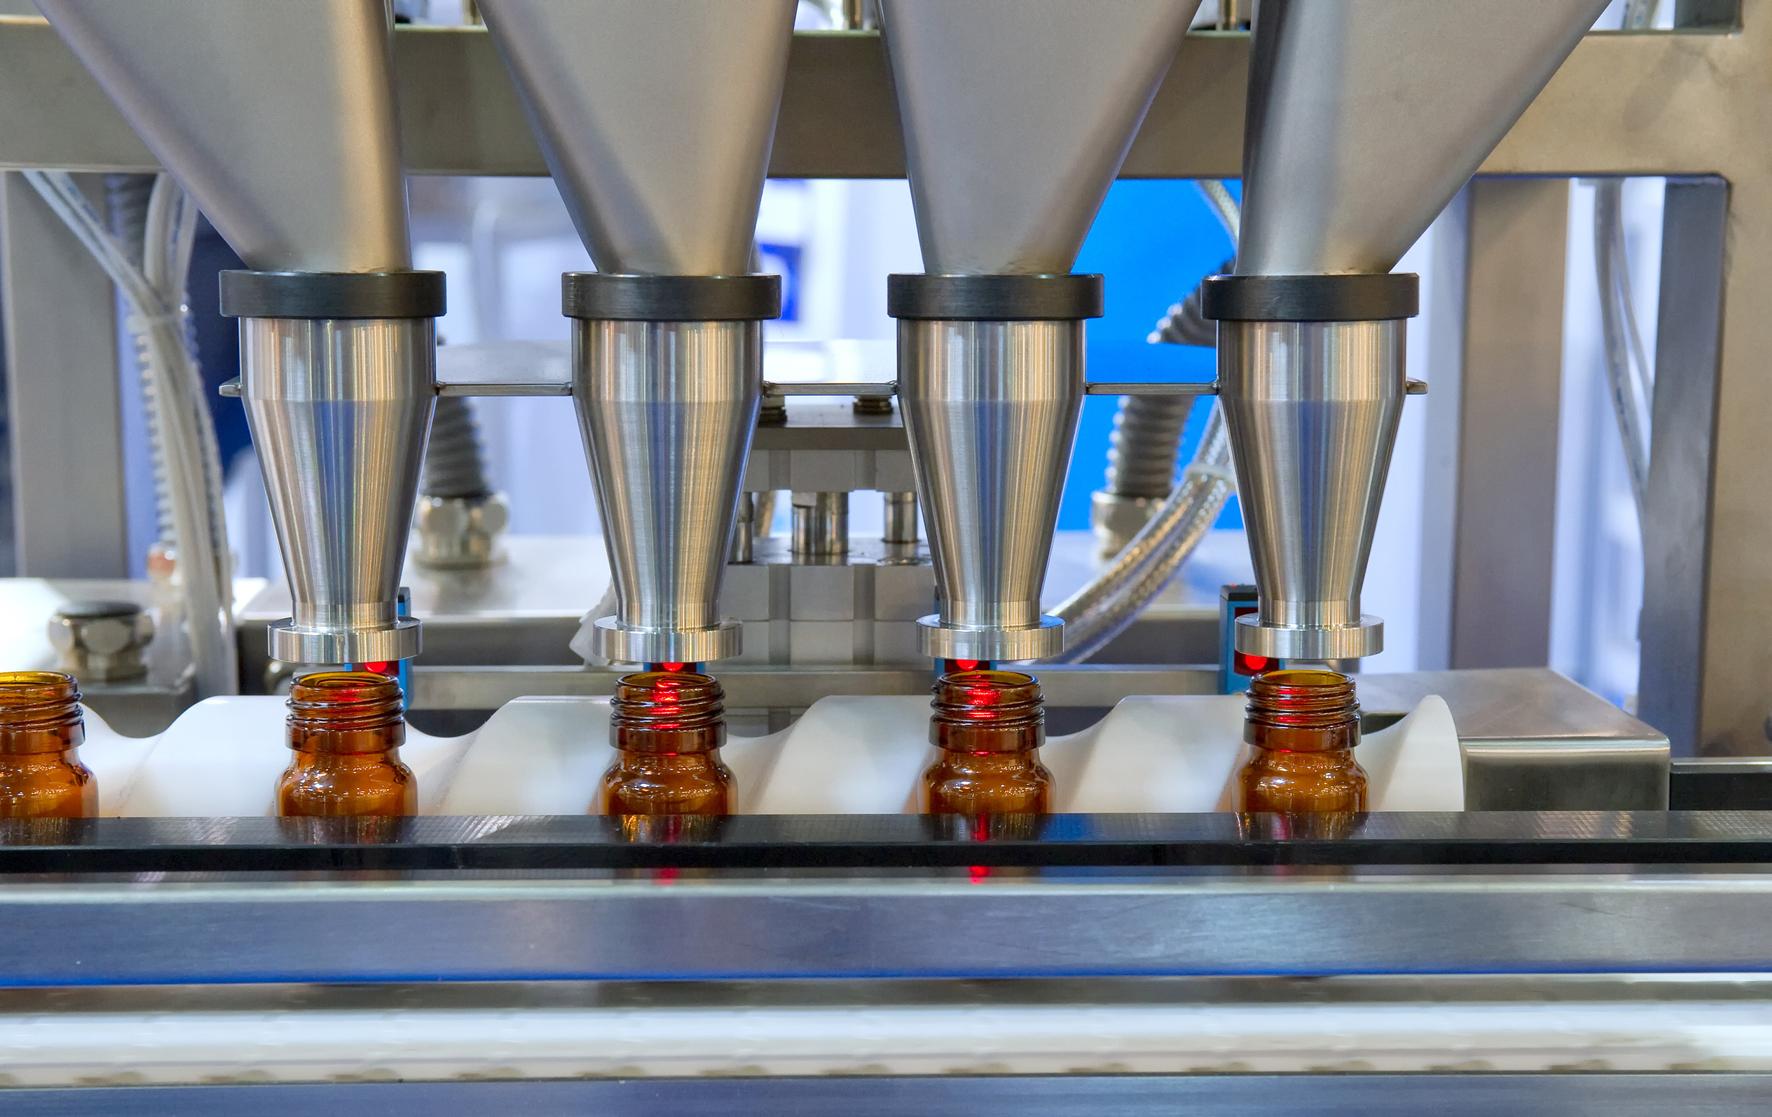 Damit beim Abfüllen nichts klumpt / Modulares und kompaktes Filtern, Entfeuchten und Konditionieren bei Abfüll- und Verpackungsprozessen in der Pharmaindustrie